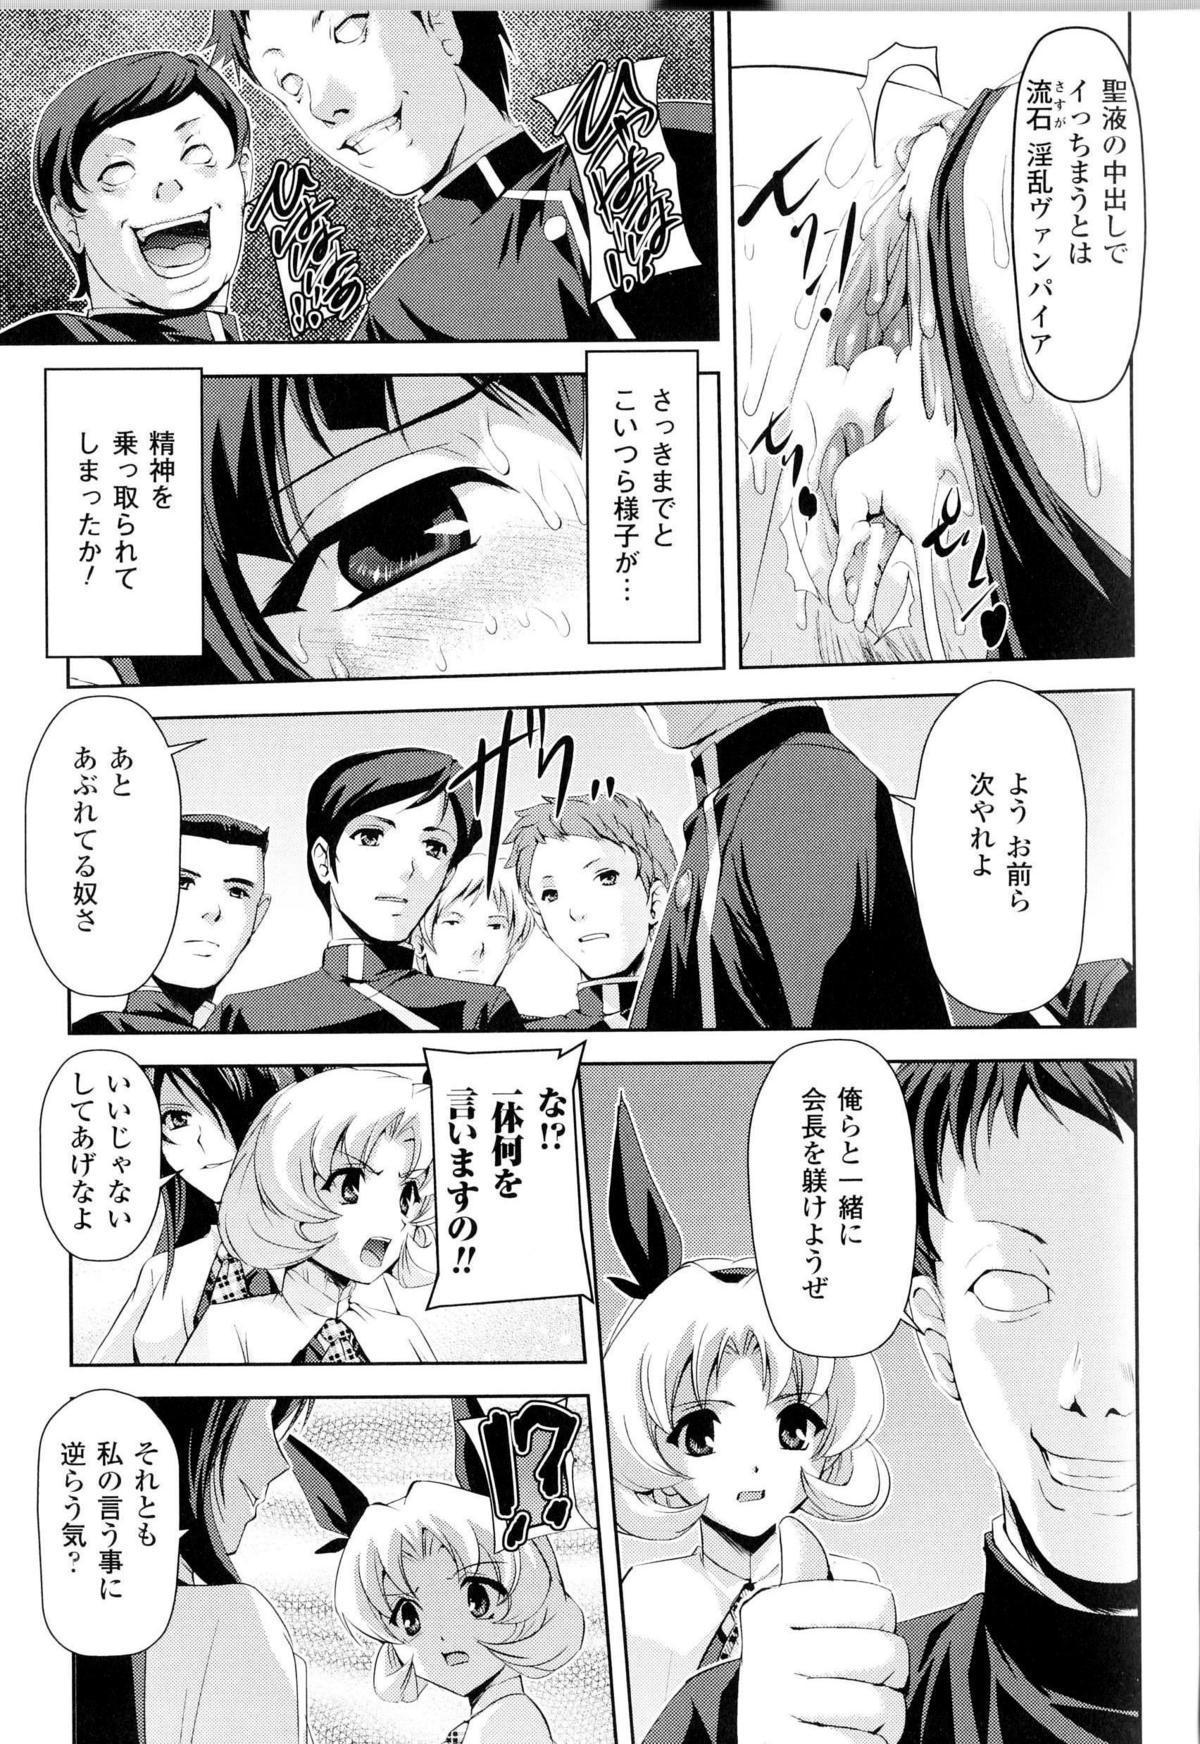 Toushin Engi Vol.14 31